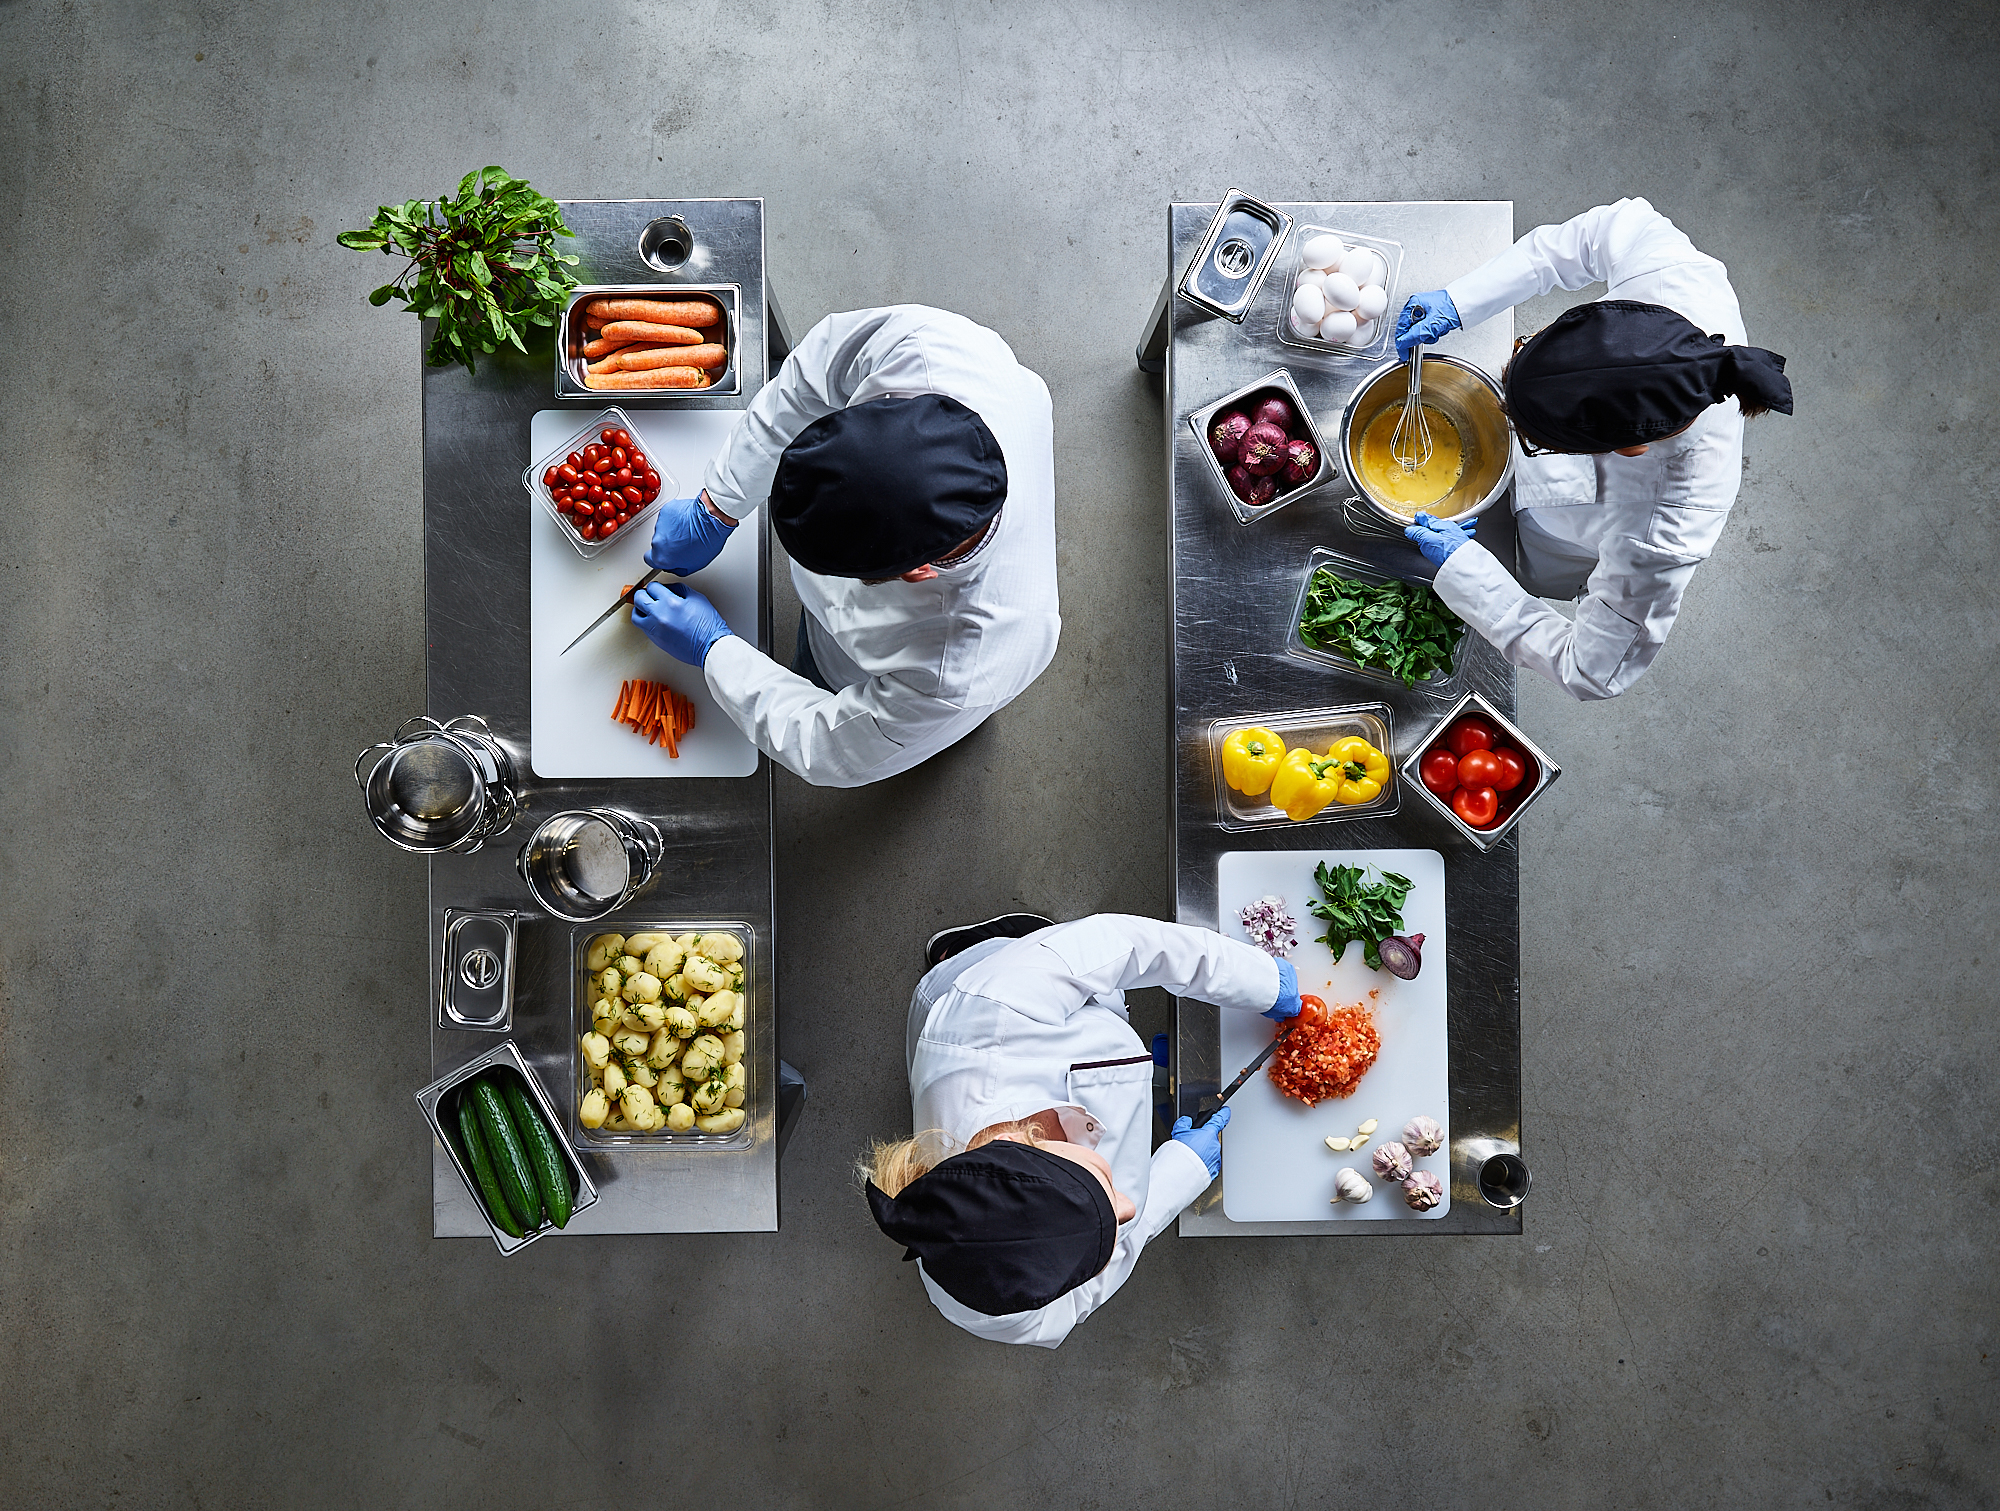 Dieta_brandimage_kitchen2